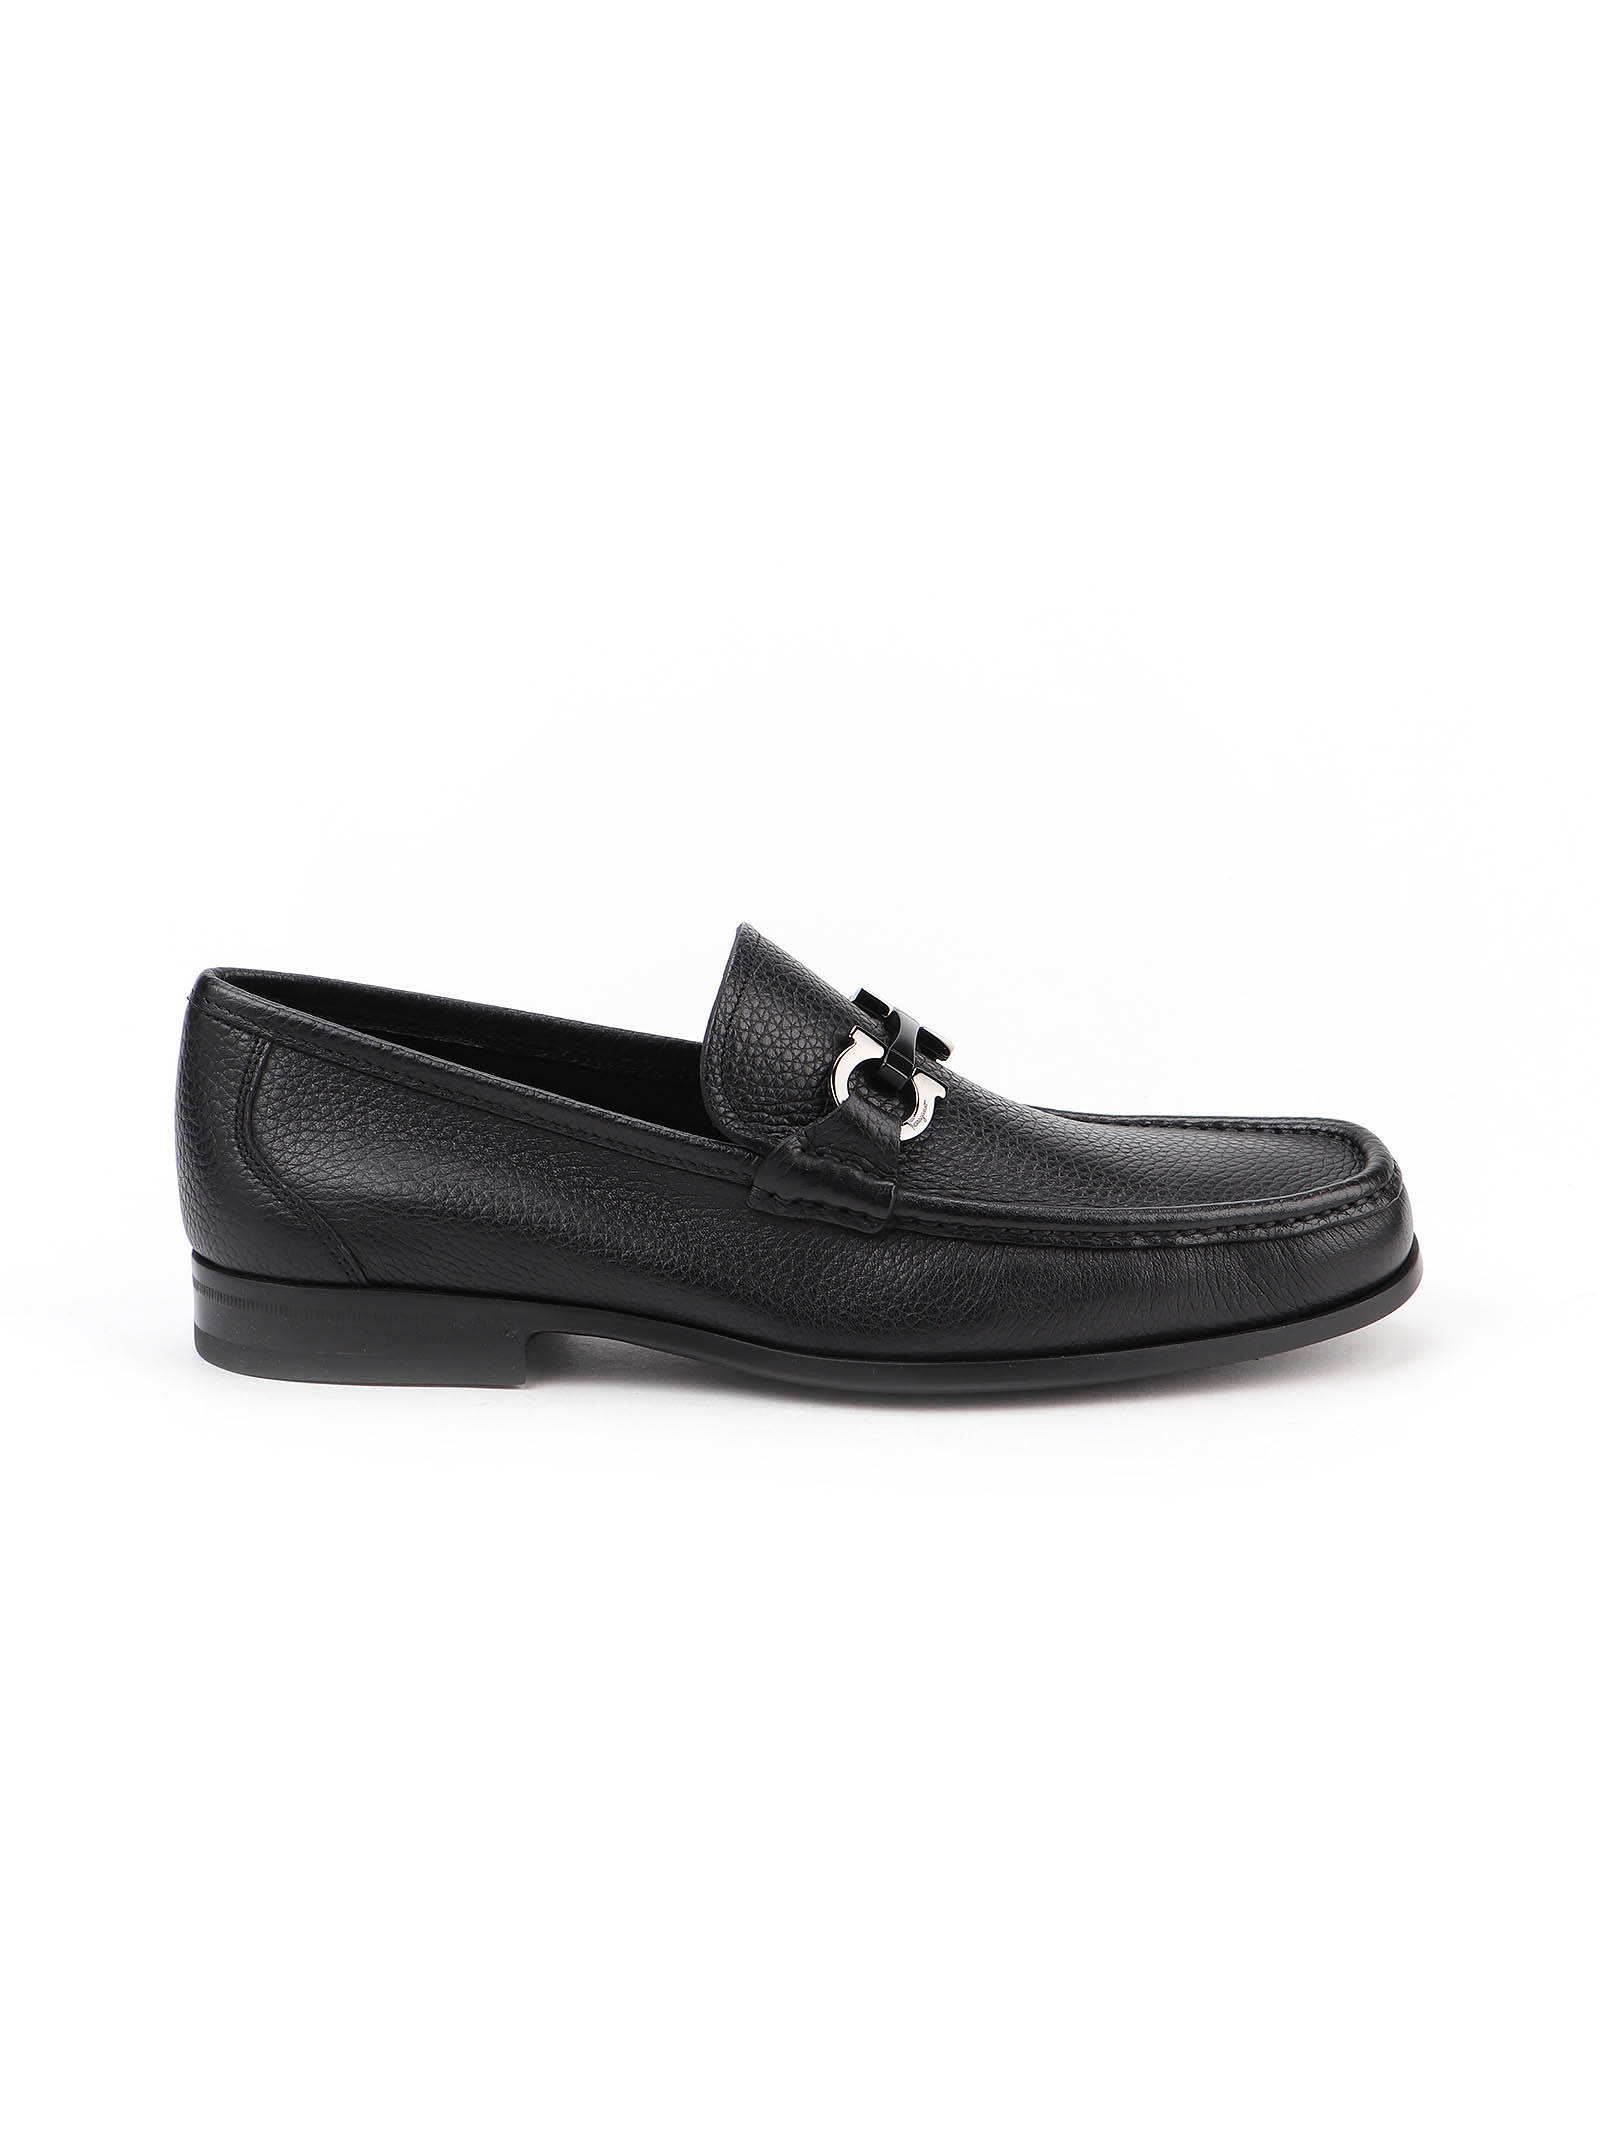 Salvatore Ferragamo Grandioso Shoe